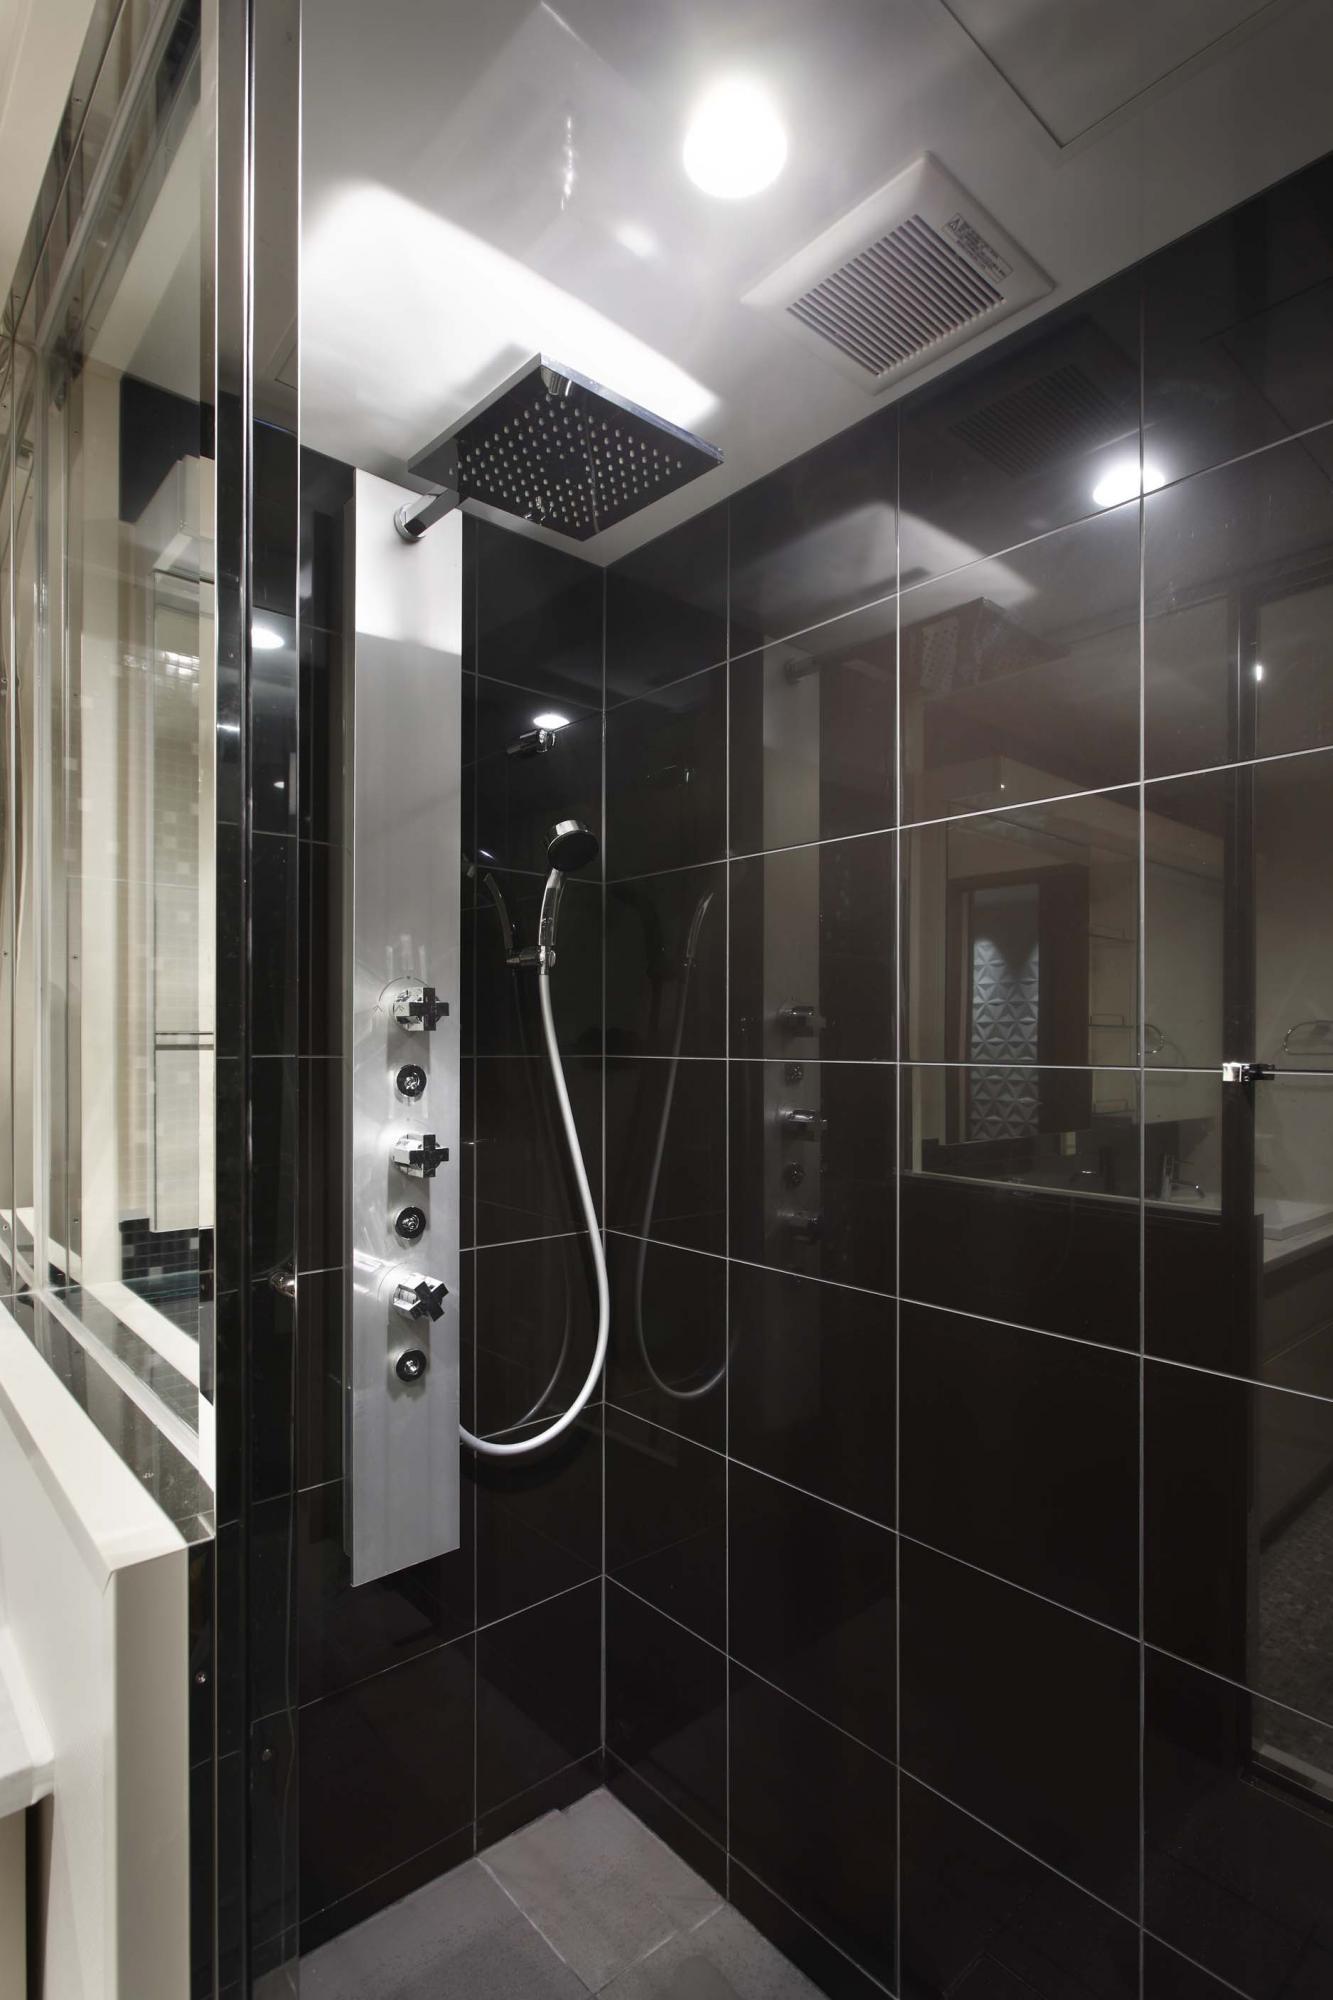 ご夫婦専用のシャワールームはブラックタイルの壁でシックに演出。リラックス効果の高いオーバーヘッドシャワーを採用した。